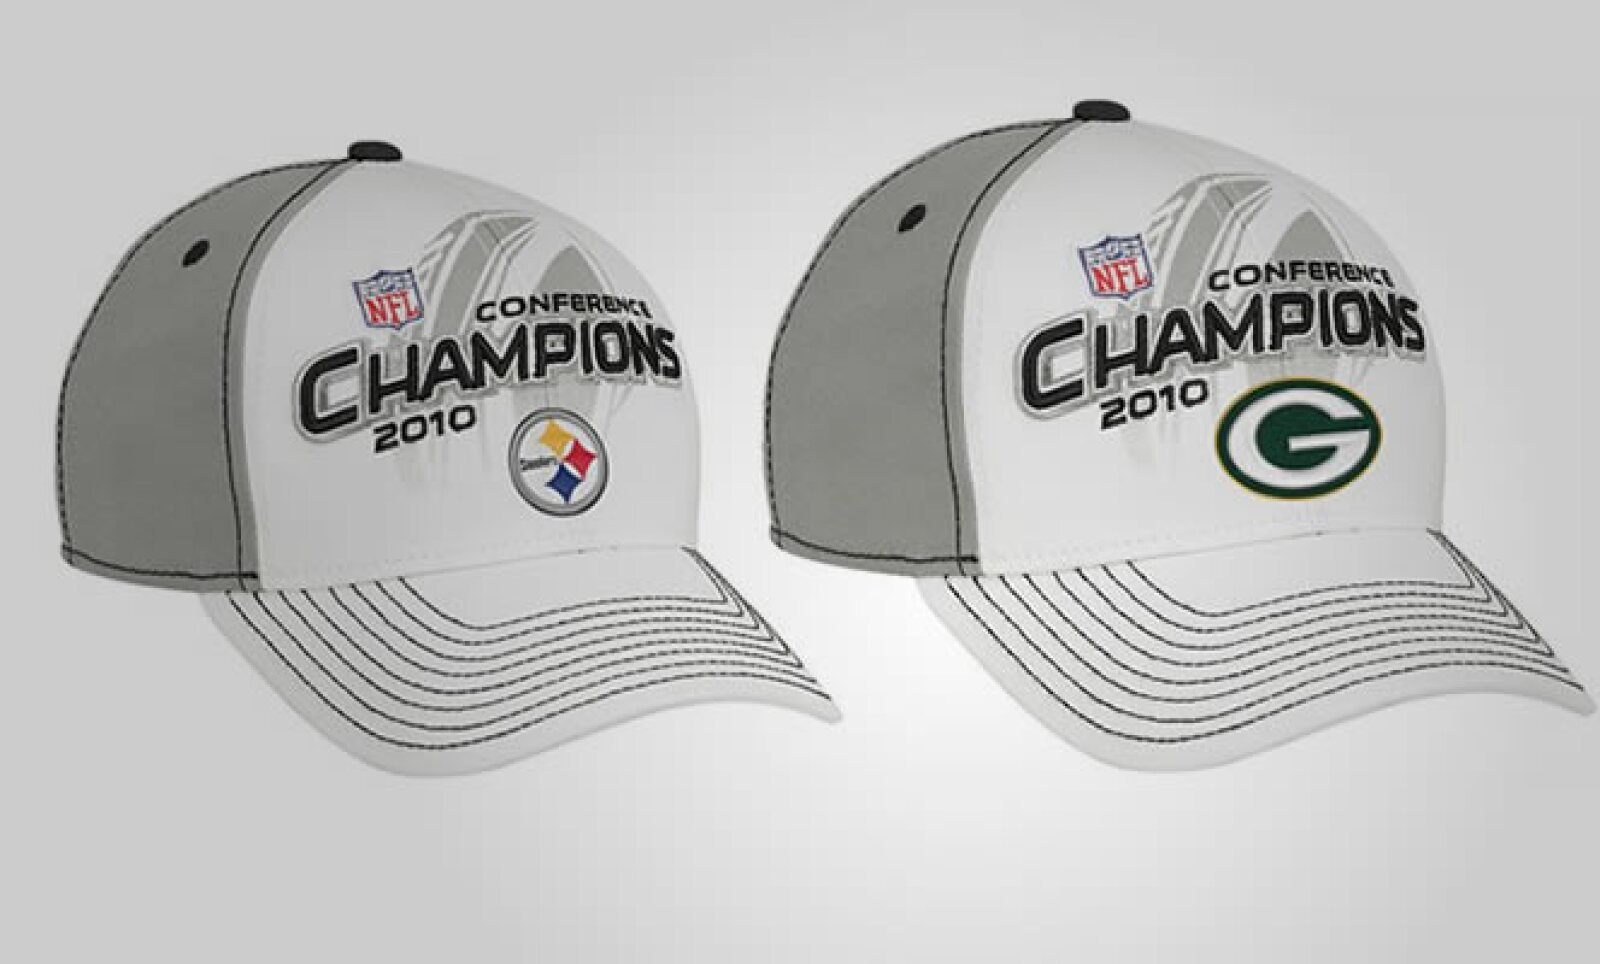 Protégete completamente con esta gorra y porta con orgullo los colores de tu equipo favorito. Precio: 29 dólares